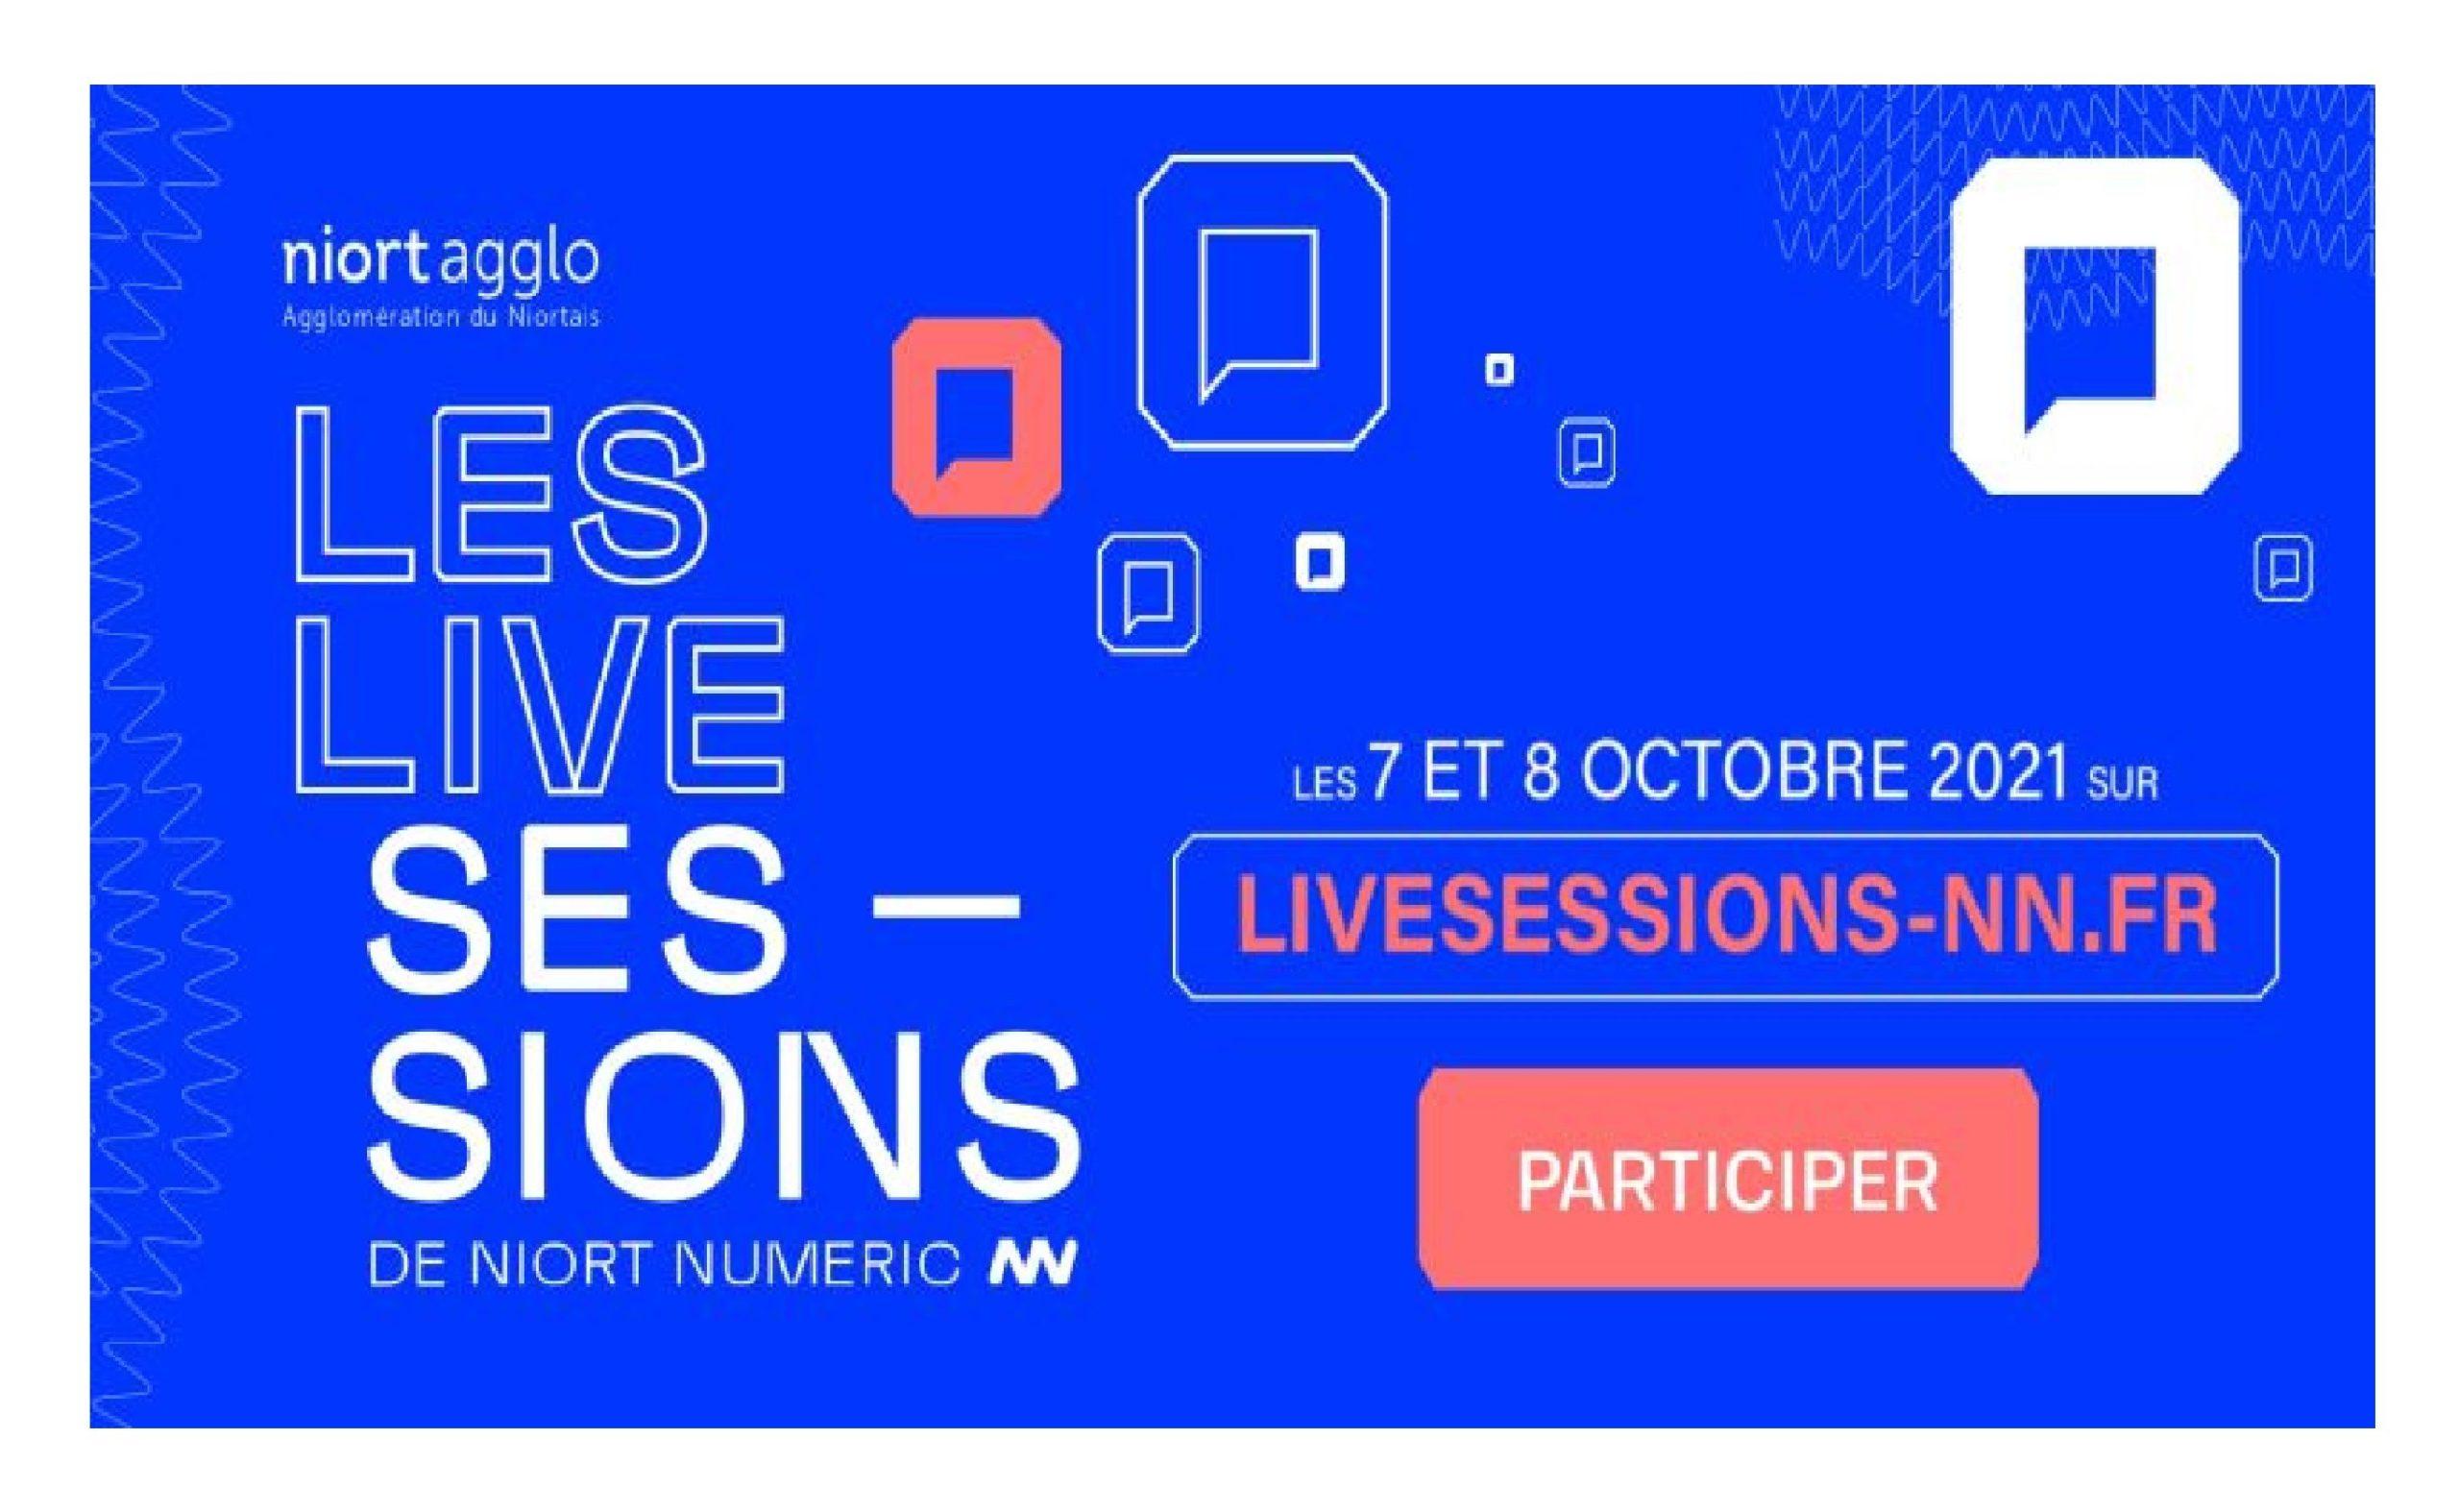 Deuxième édition des Live Sessions de Niort Numeric